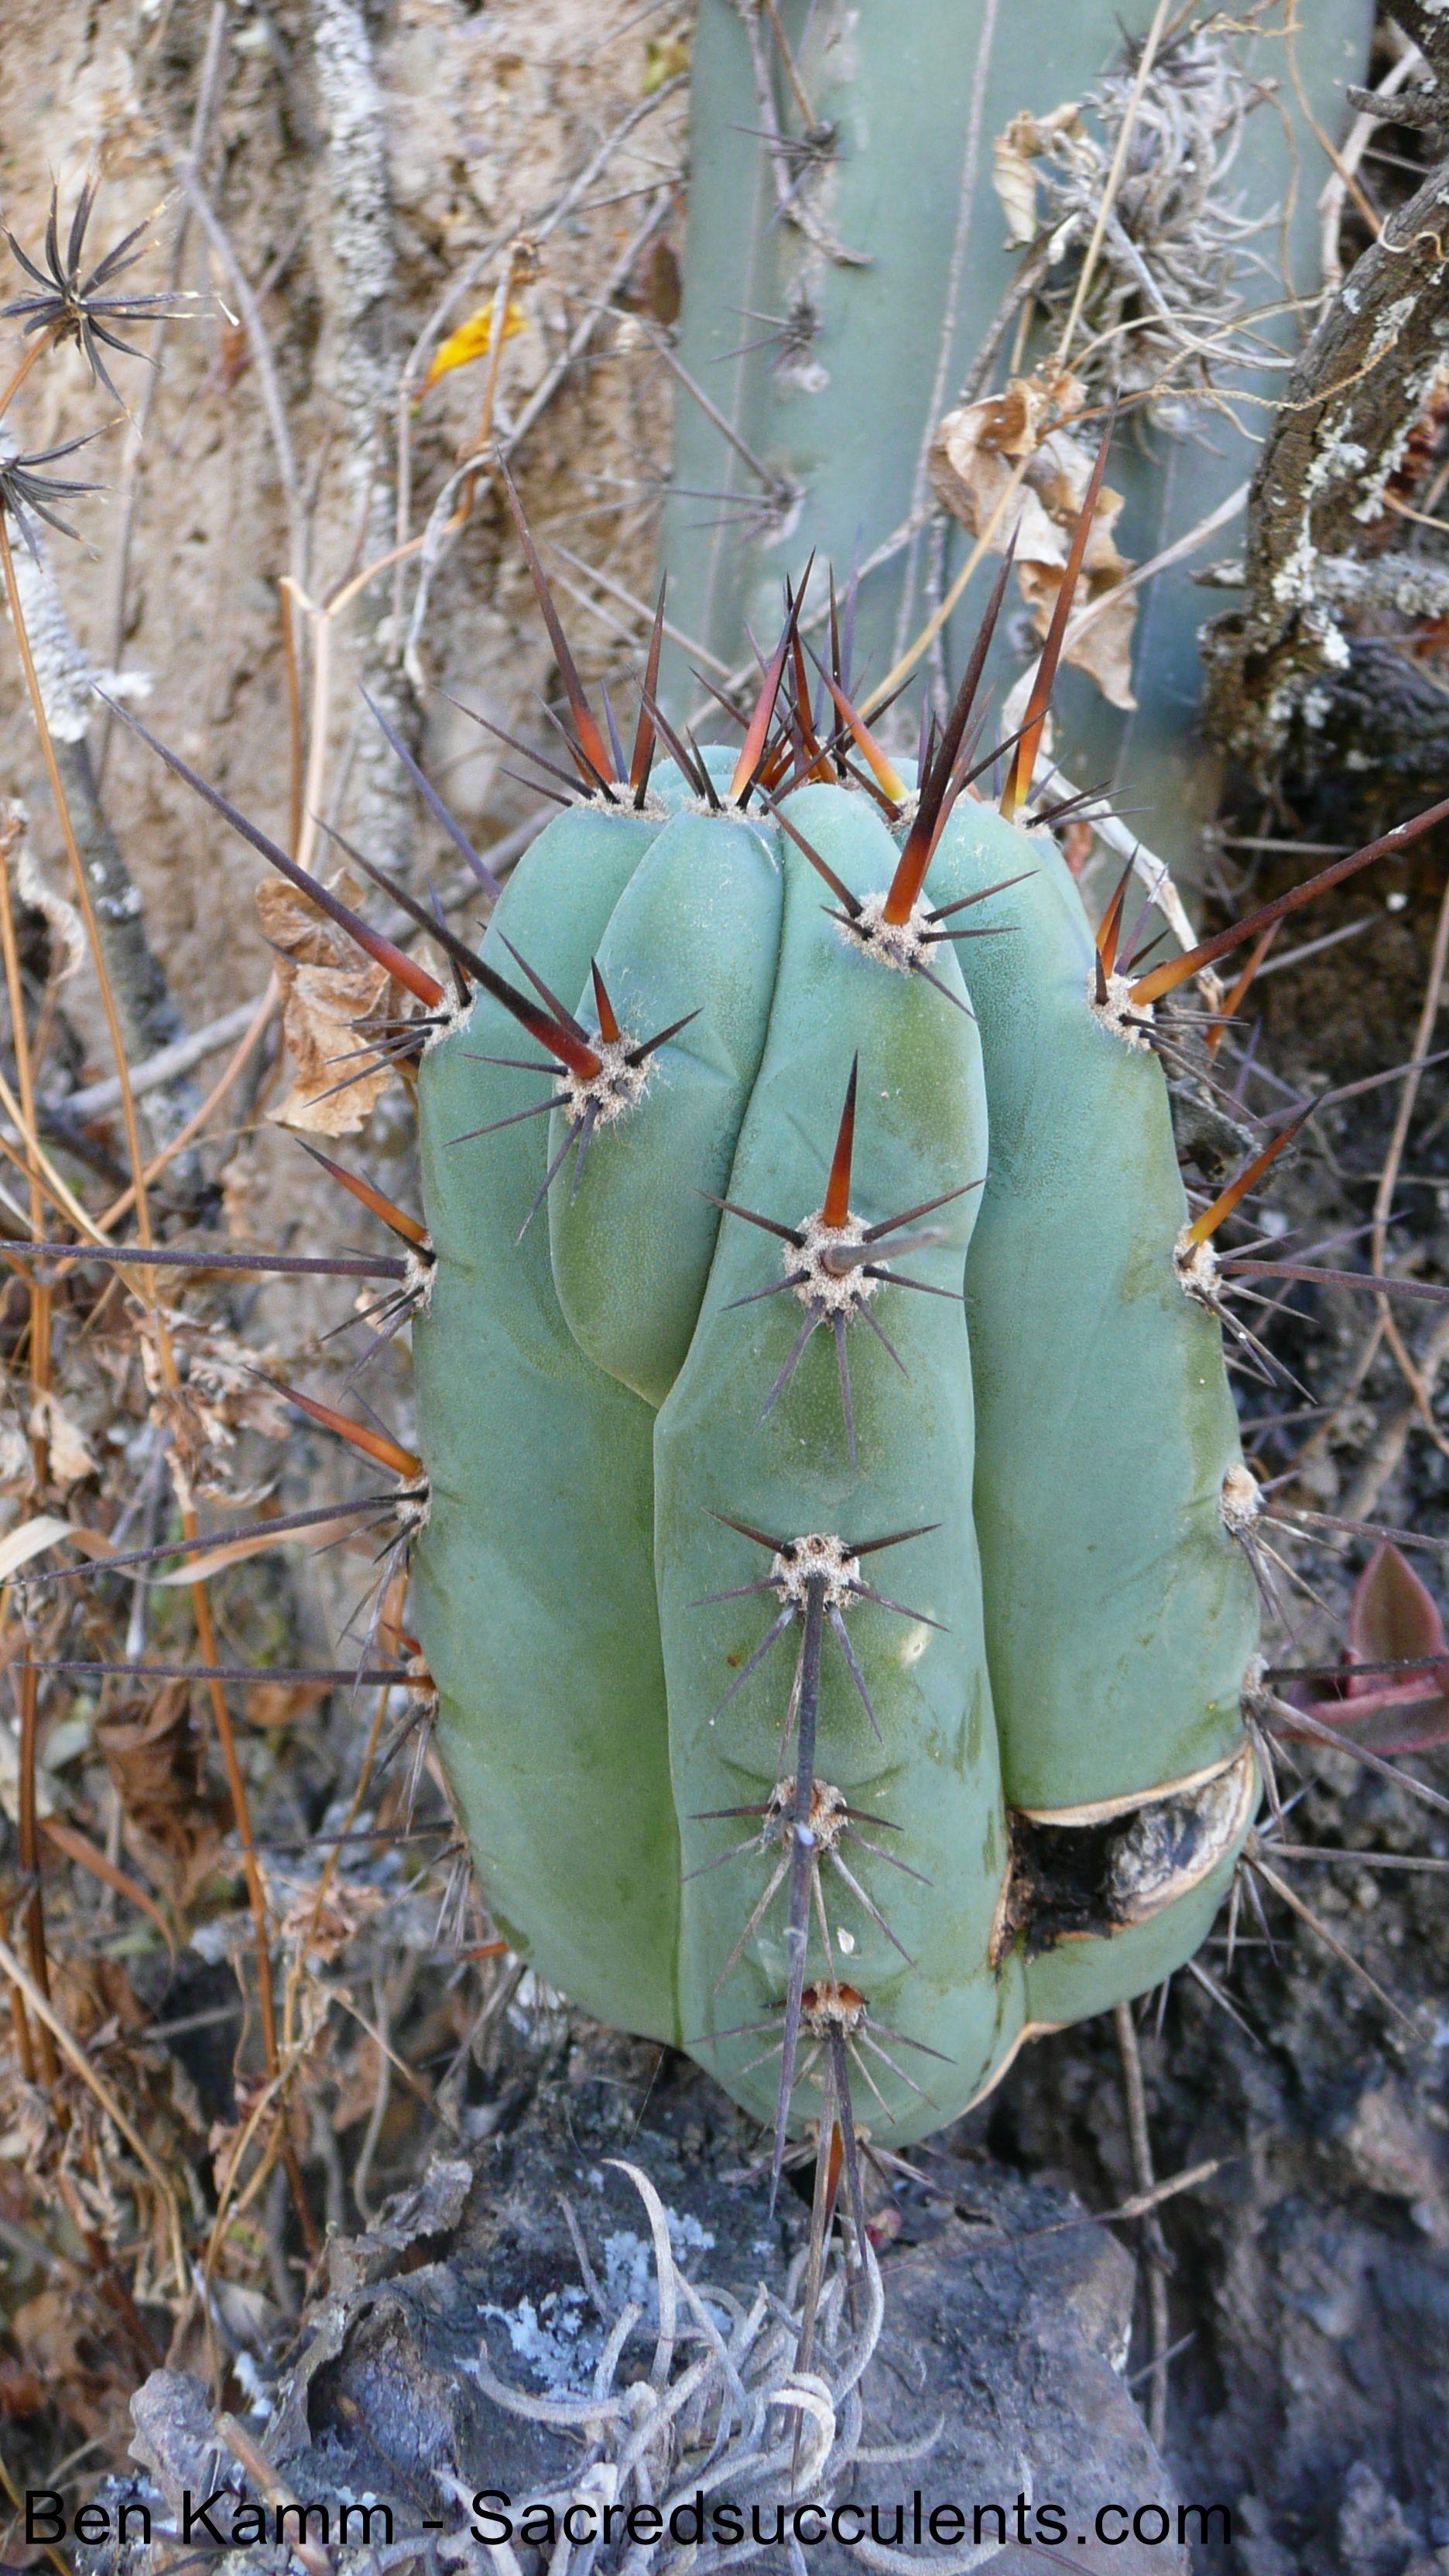 Trichocereus peruvianus Matucana Echinopsis peruviana